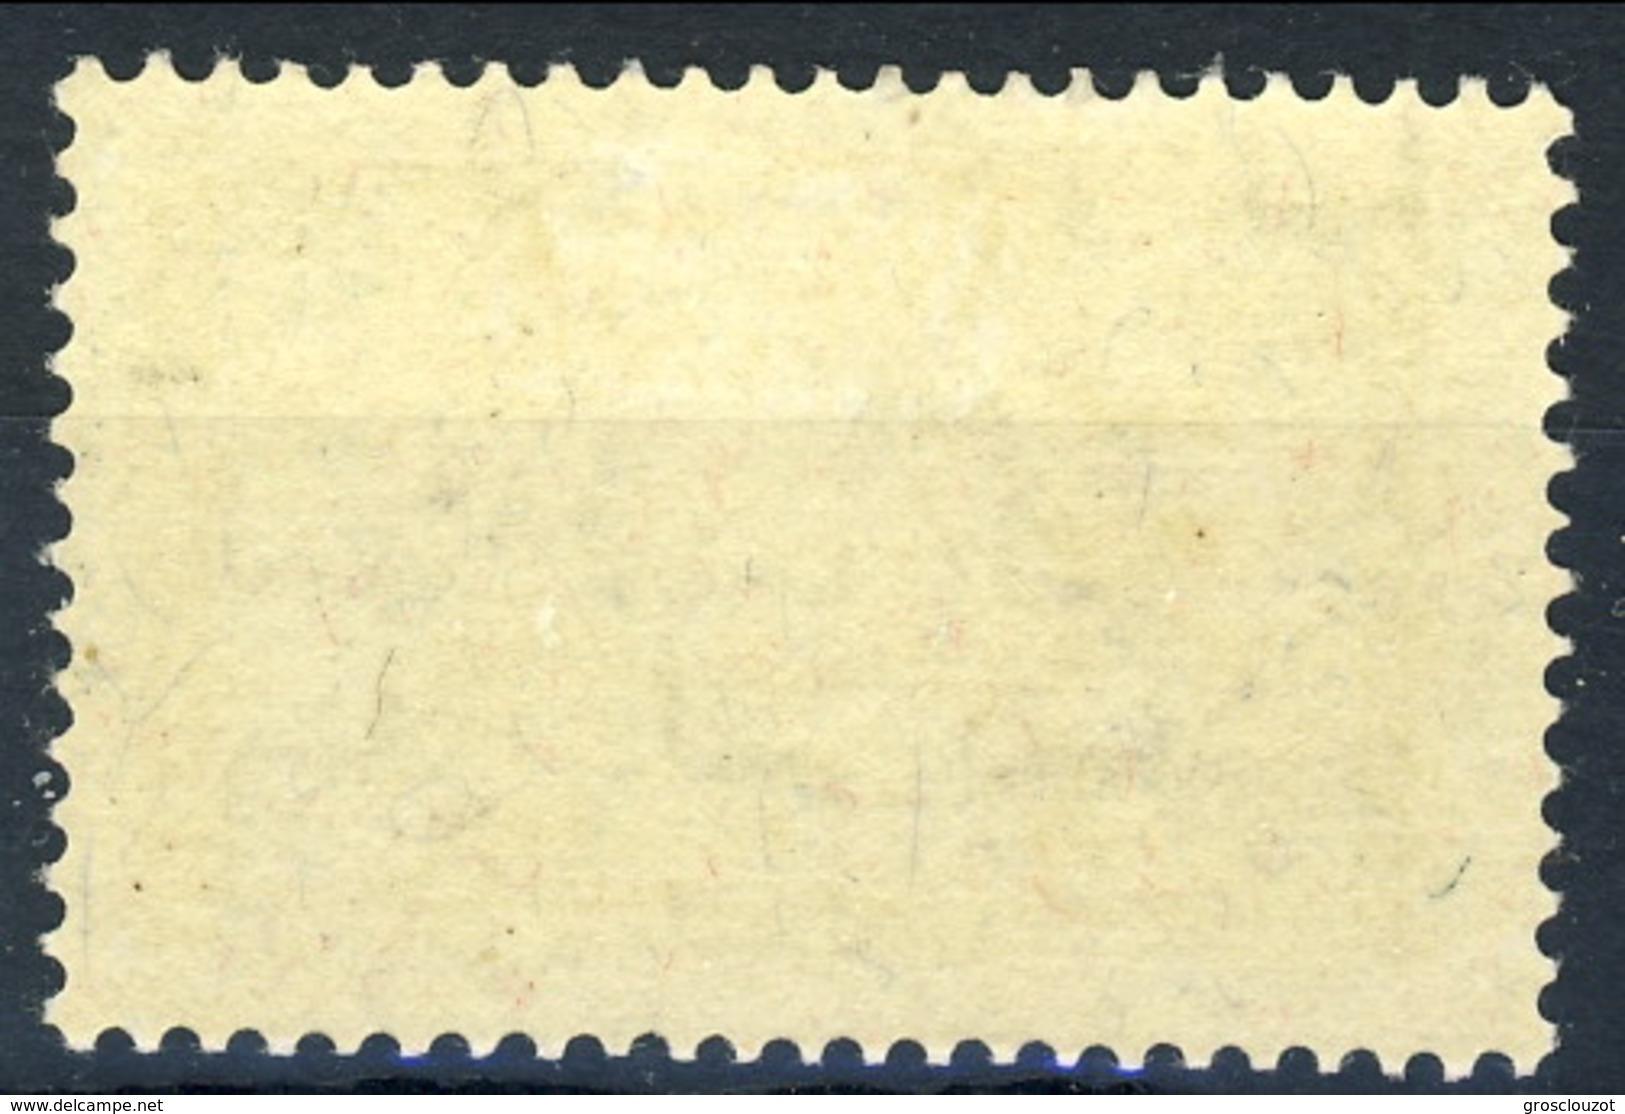 Svizzera 1930 - 31 N. 245 F. 10 Ragazza (Jungfrau) Verde Grigio. MVLH (traccia Di Linguella Invisibile) Cat. € 340 - Nuovi